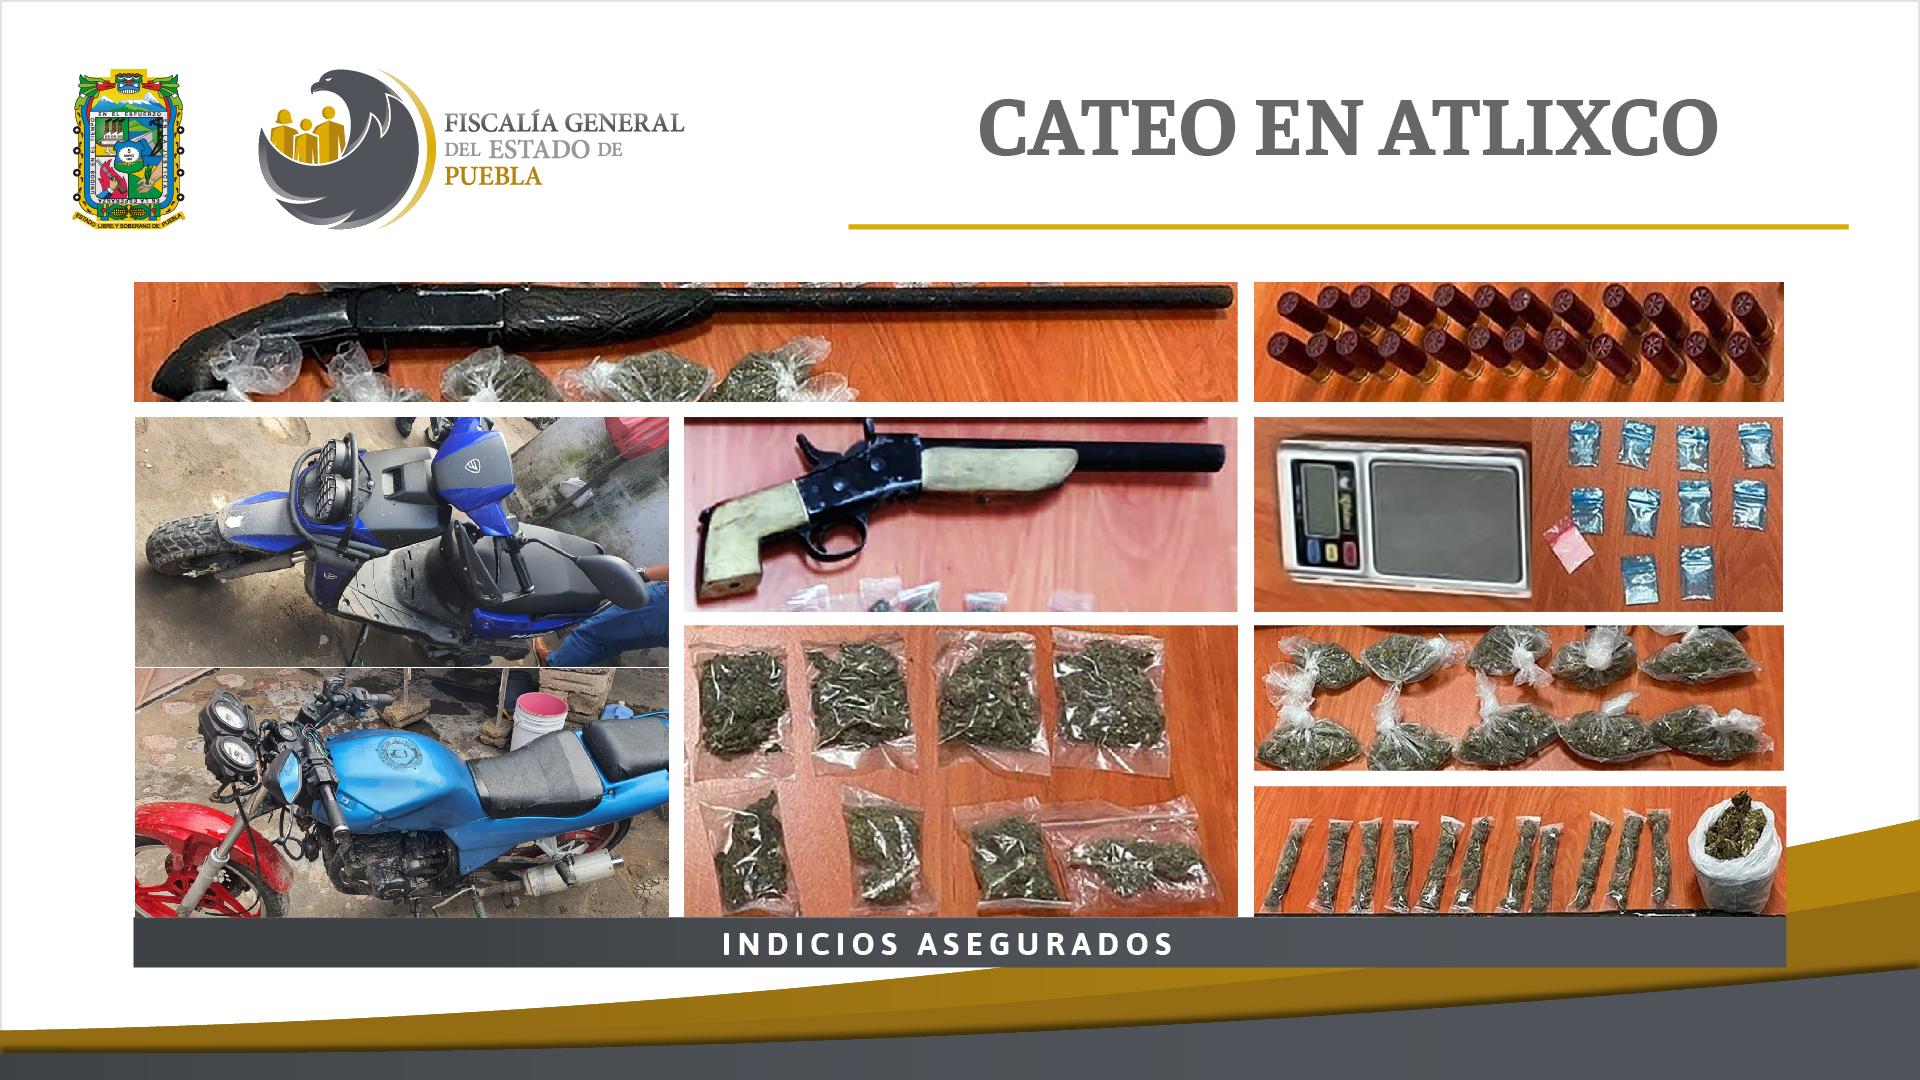 En cateo en Atlixco, FGE aseguró droga y motocicletas presuntamente robadas